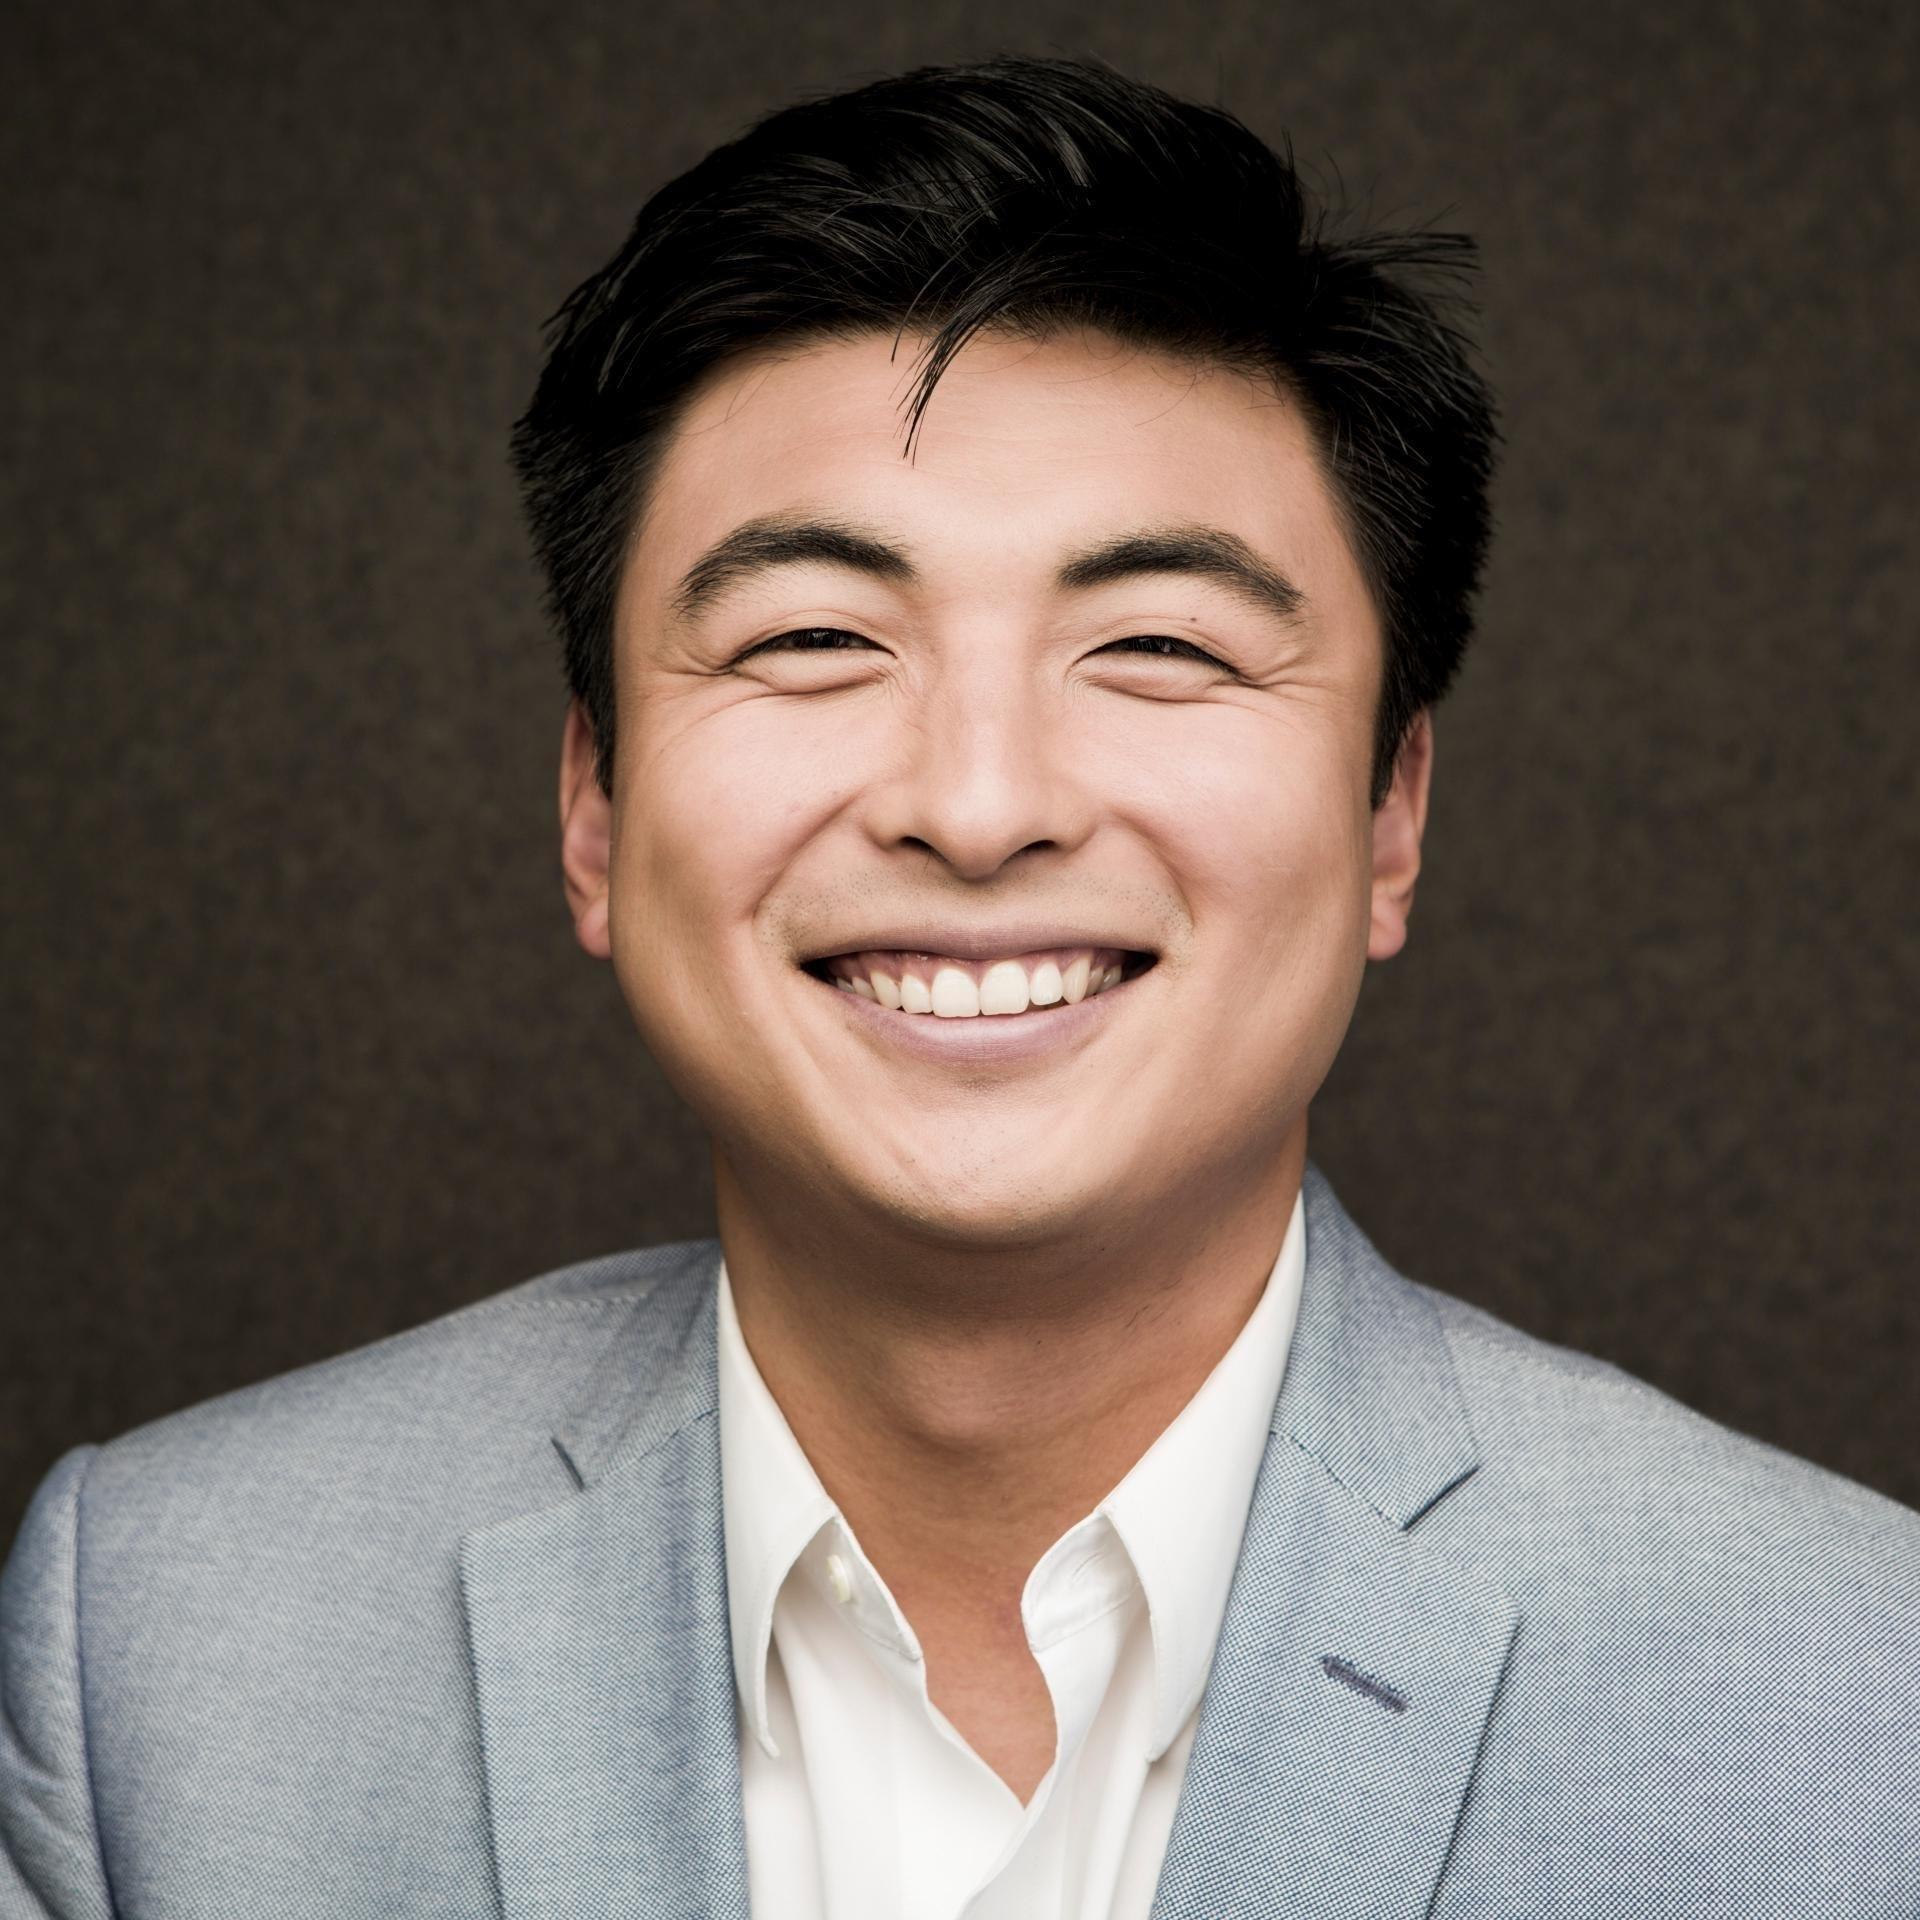 Z. Mike Wang